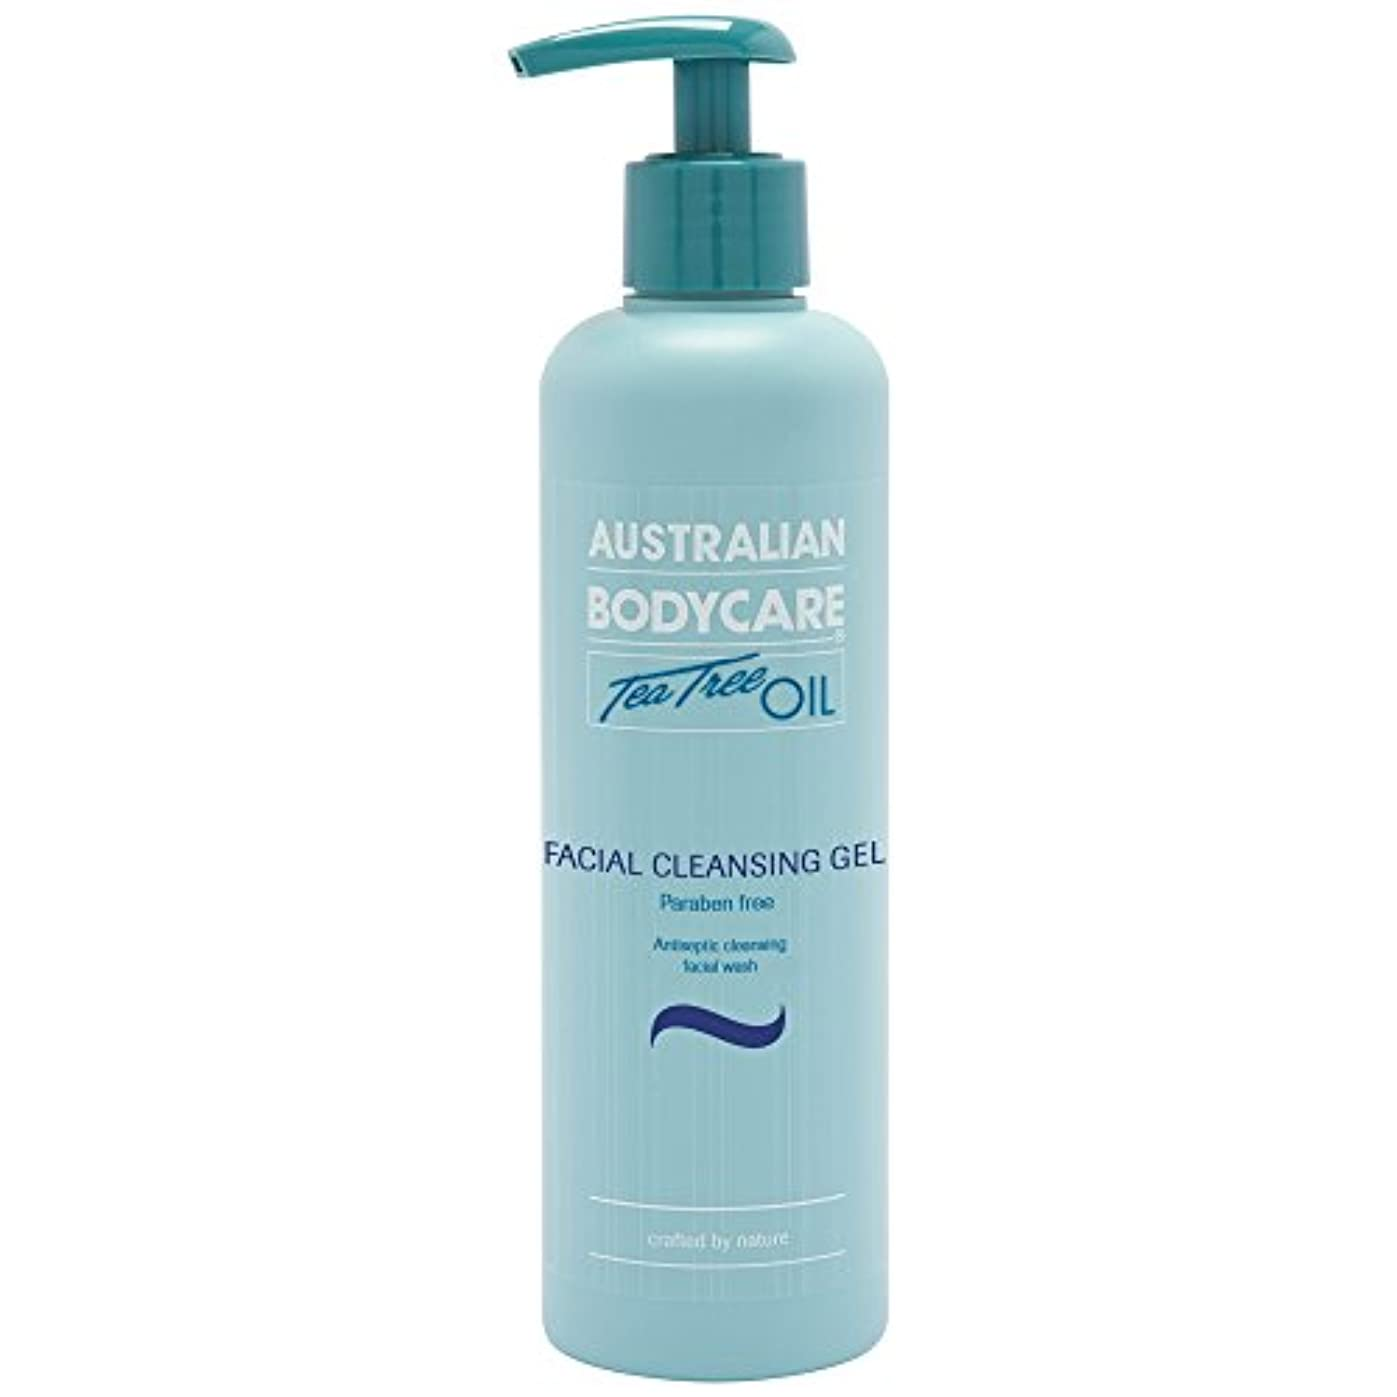 クラフト不公平衝突コースオーストラリアのボディーケアティーツリーオイル洗顔ゲル250ミリリットル (Australian Bodycare) - Australian Bodycare Tea Tree Oil Facial Cleansing...